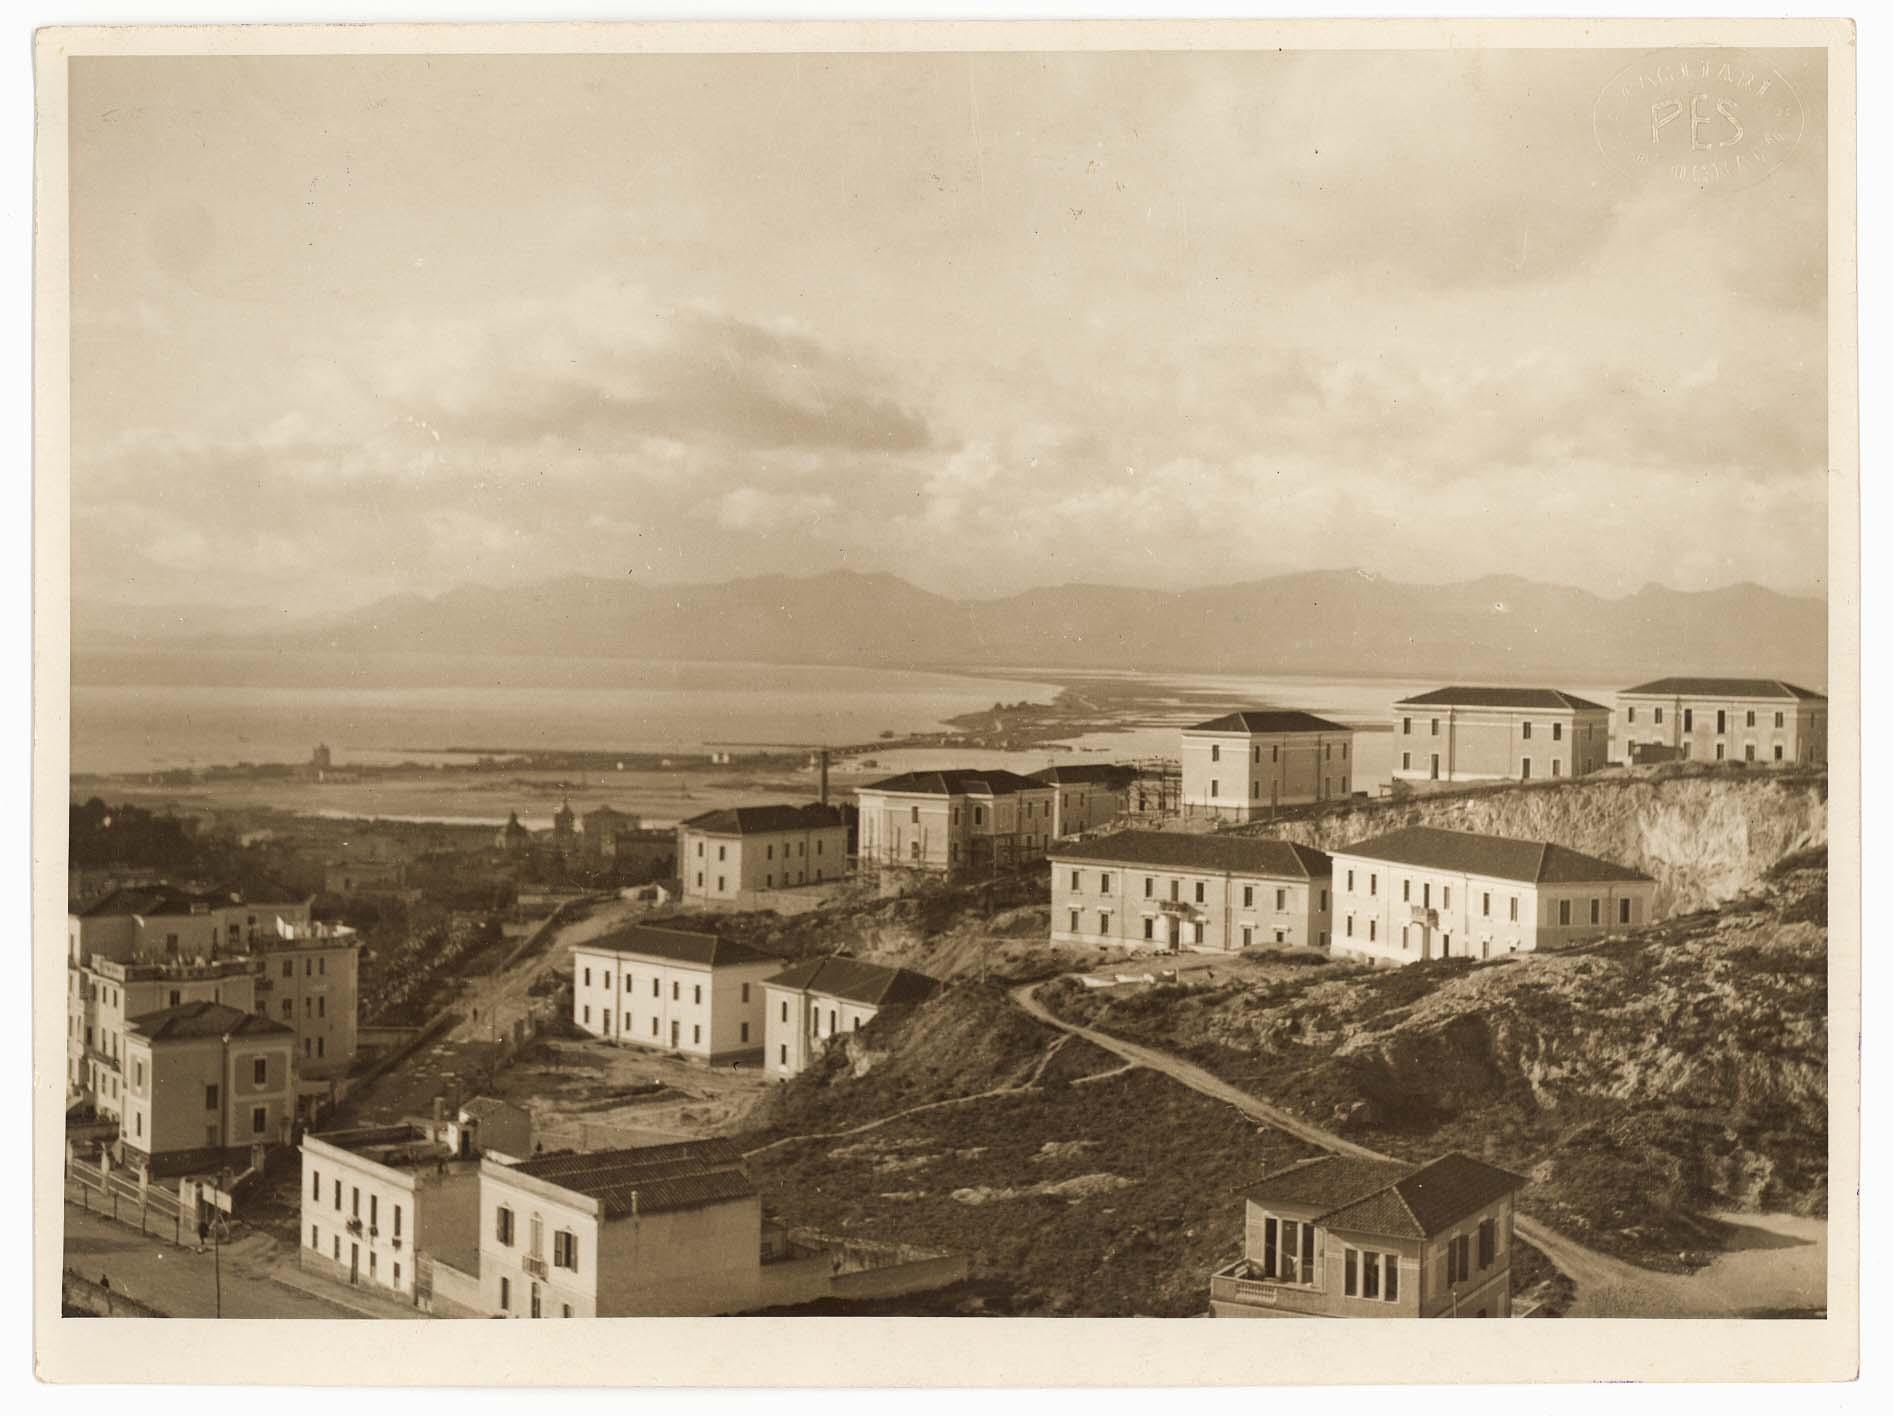 Archivio Comunale - 1936 - Topografia_jpg_foto 0033